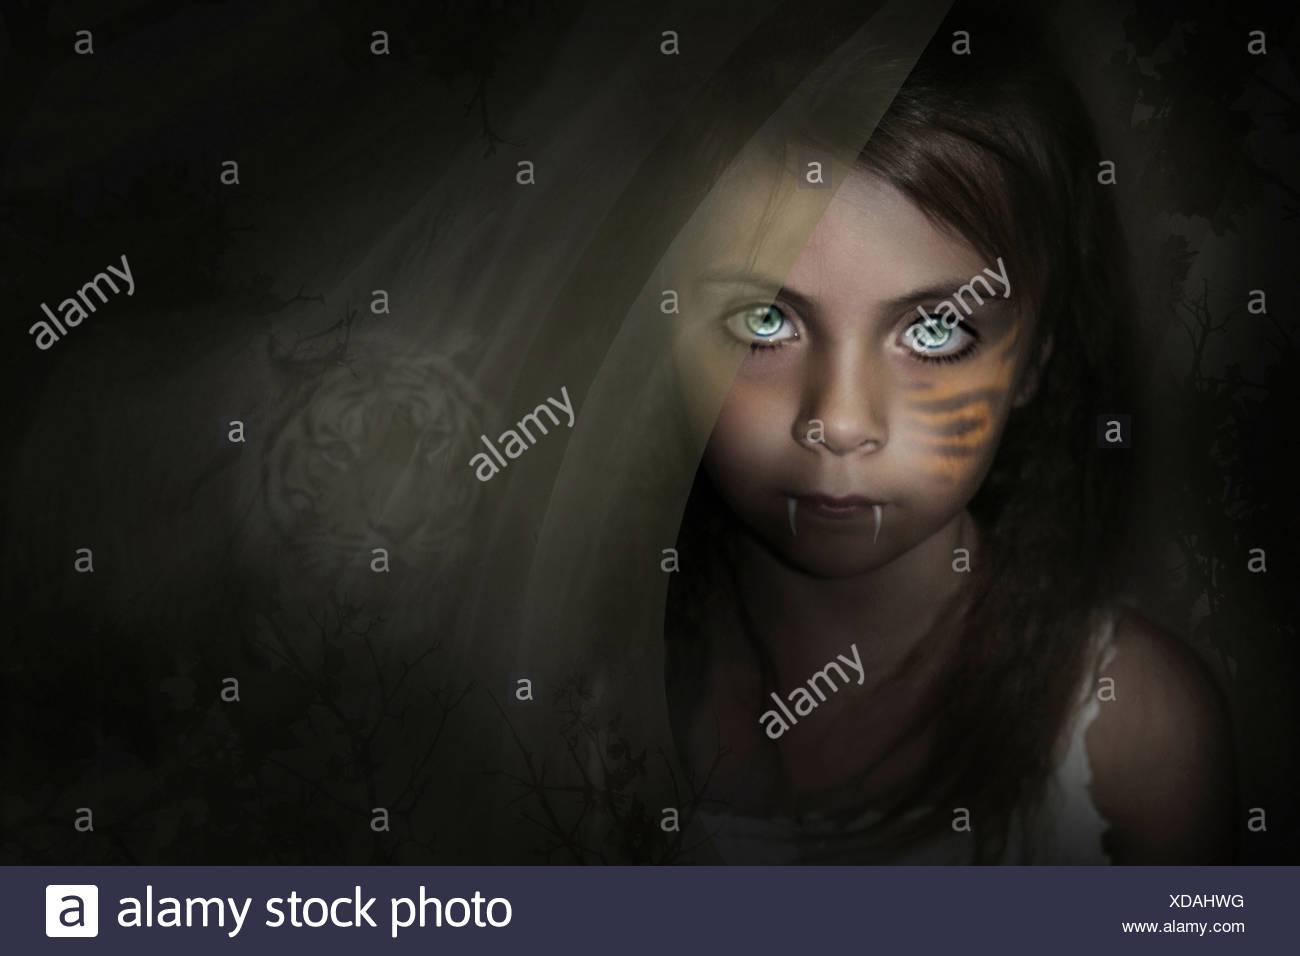 Fantasy image avec jeune enfant atteint de crocs et un tigre dans l'arrière-plan derrière elle. Photo Stock